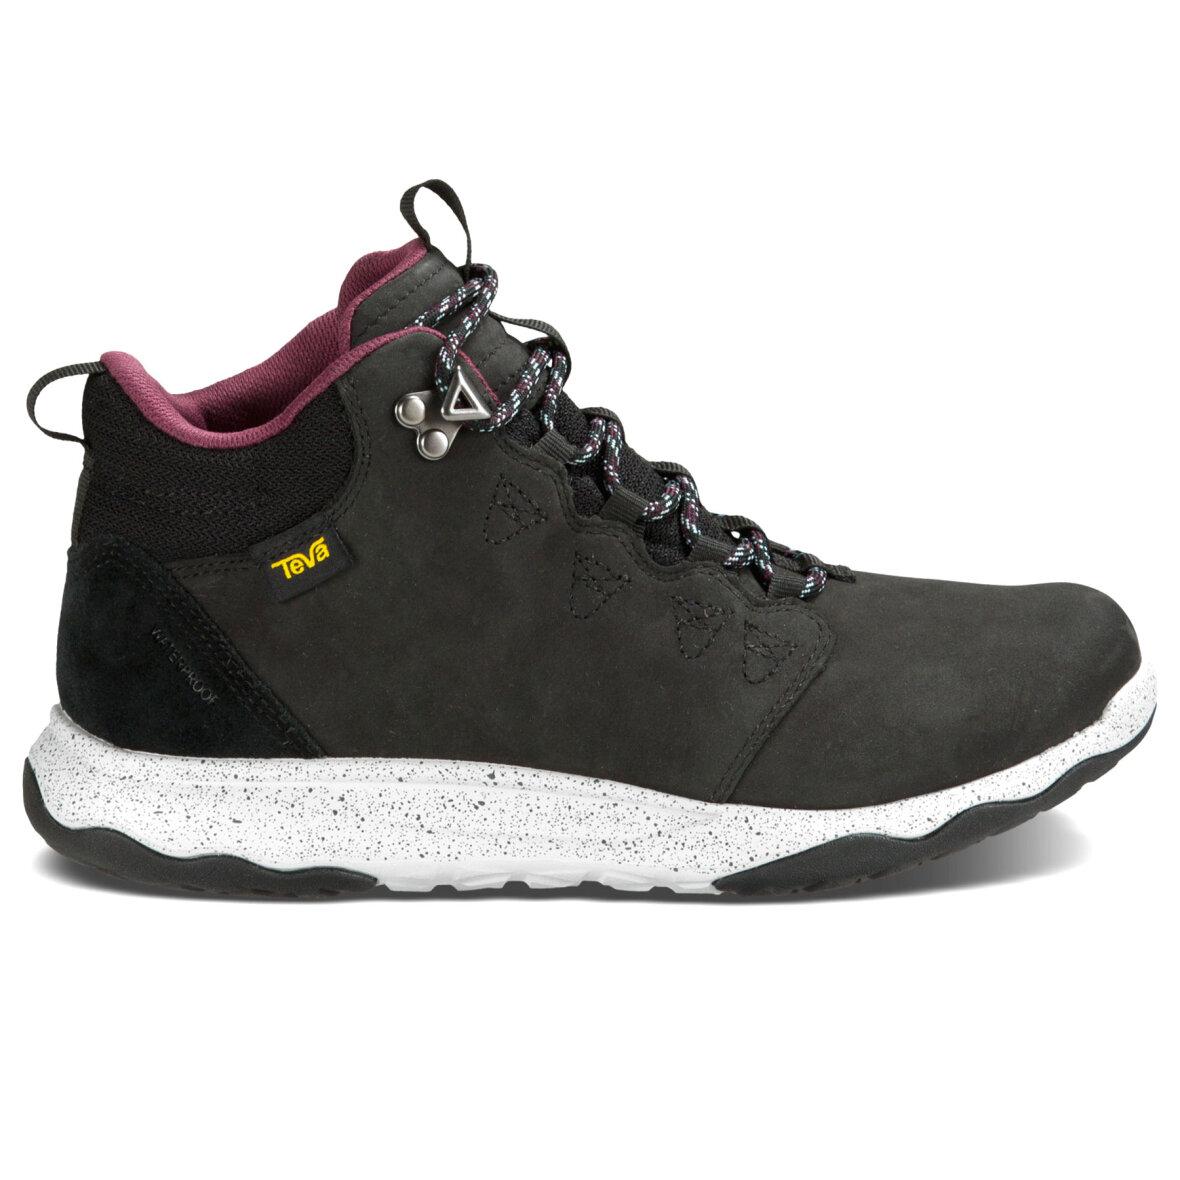 4baa661af33 Vandrestøvler damer - Godt fodtøj er en væsentlig ting på en rejse